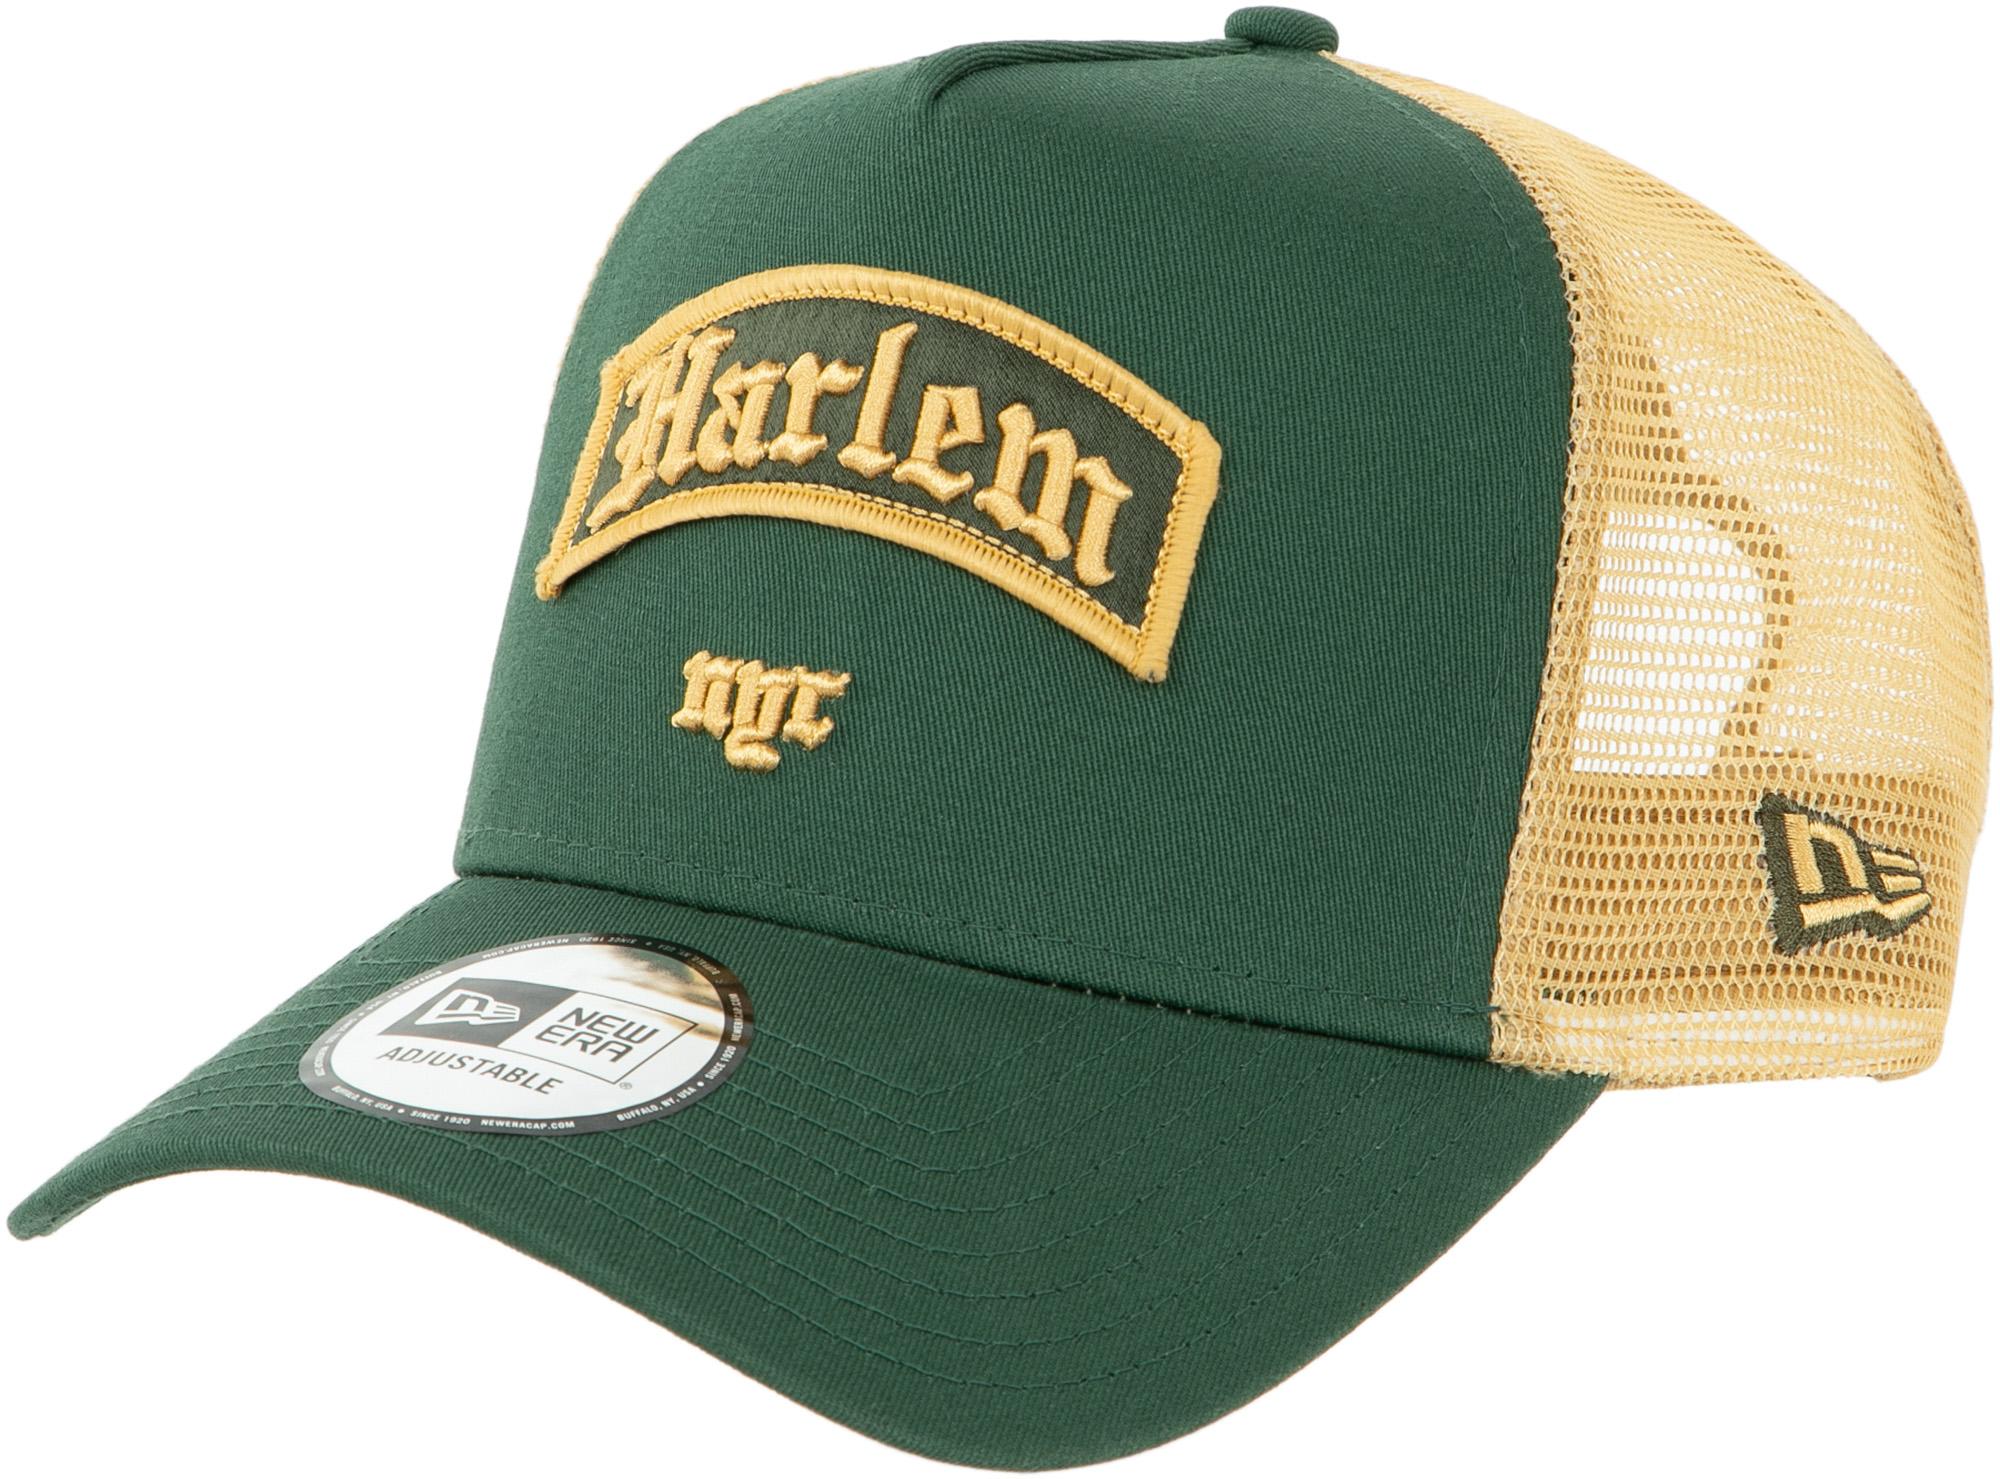 New Era Бейсболка мужская New Era Borough AF Trucker бейсболка мужская o neill bm trucker cap цвет оливковый 7a4110 6103 размер универсальный